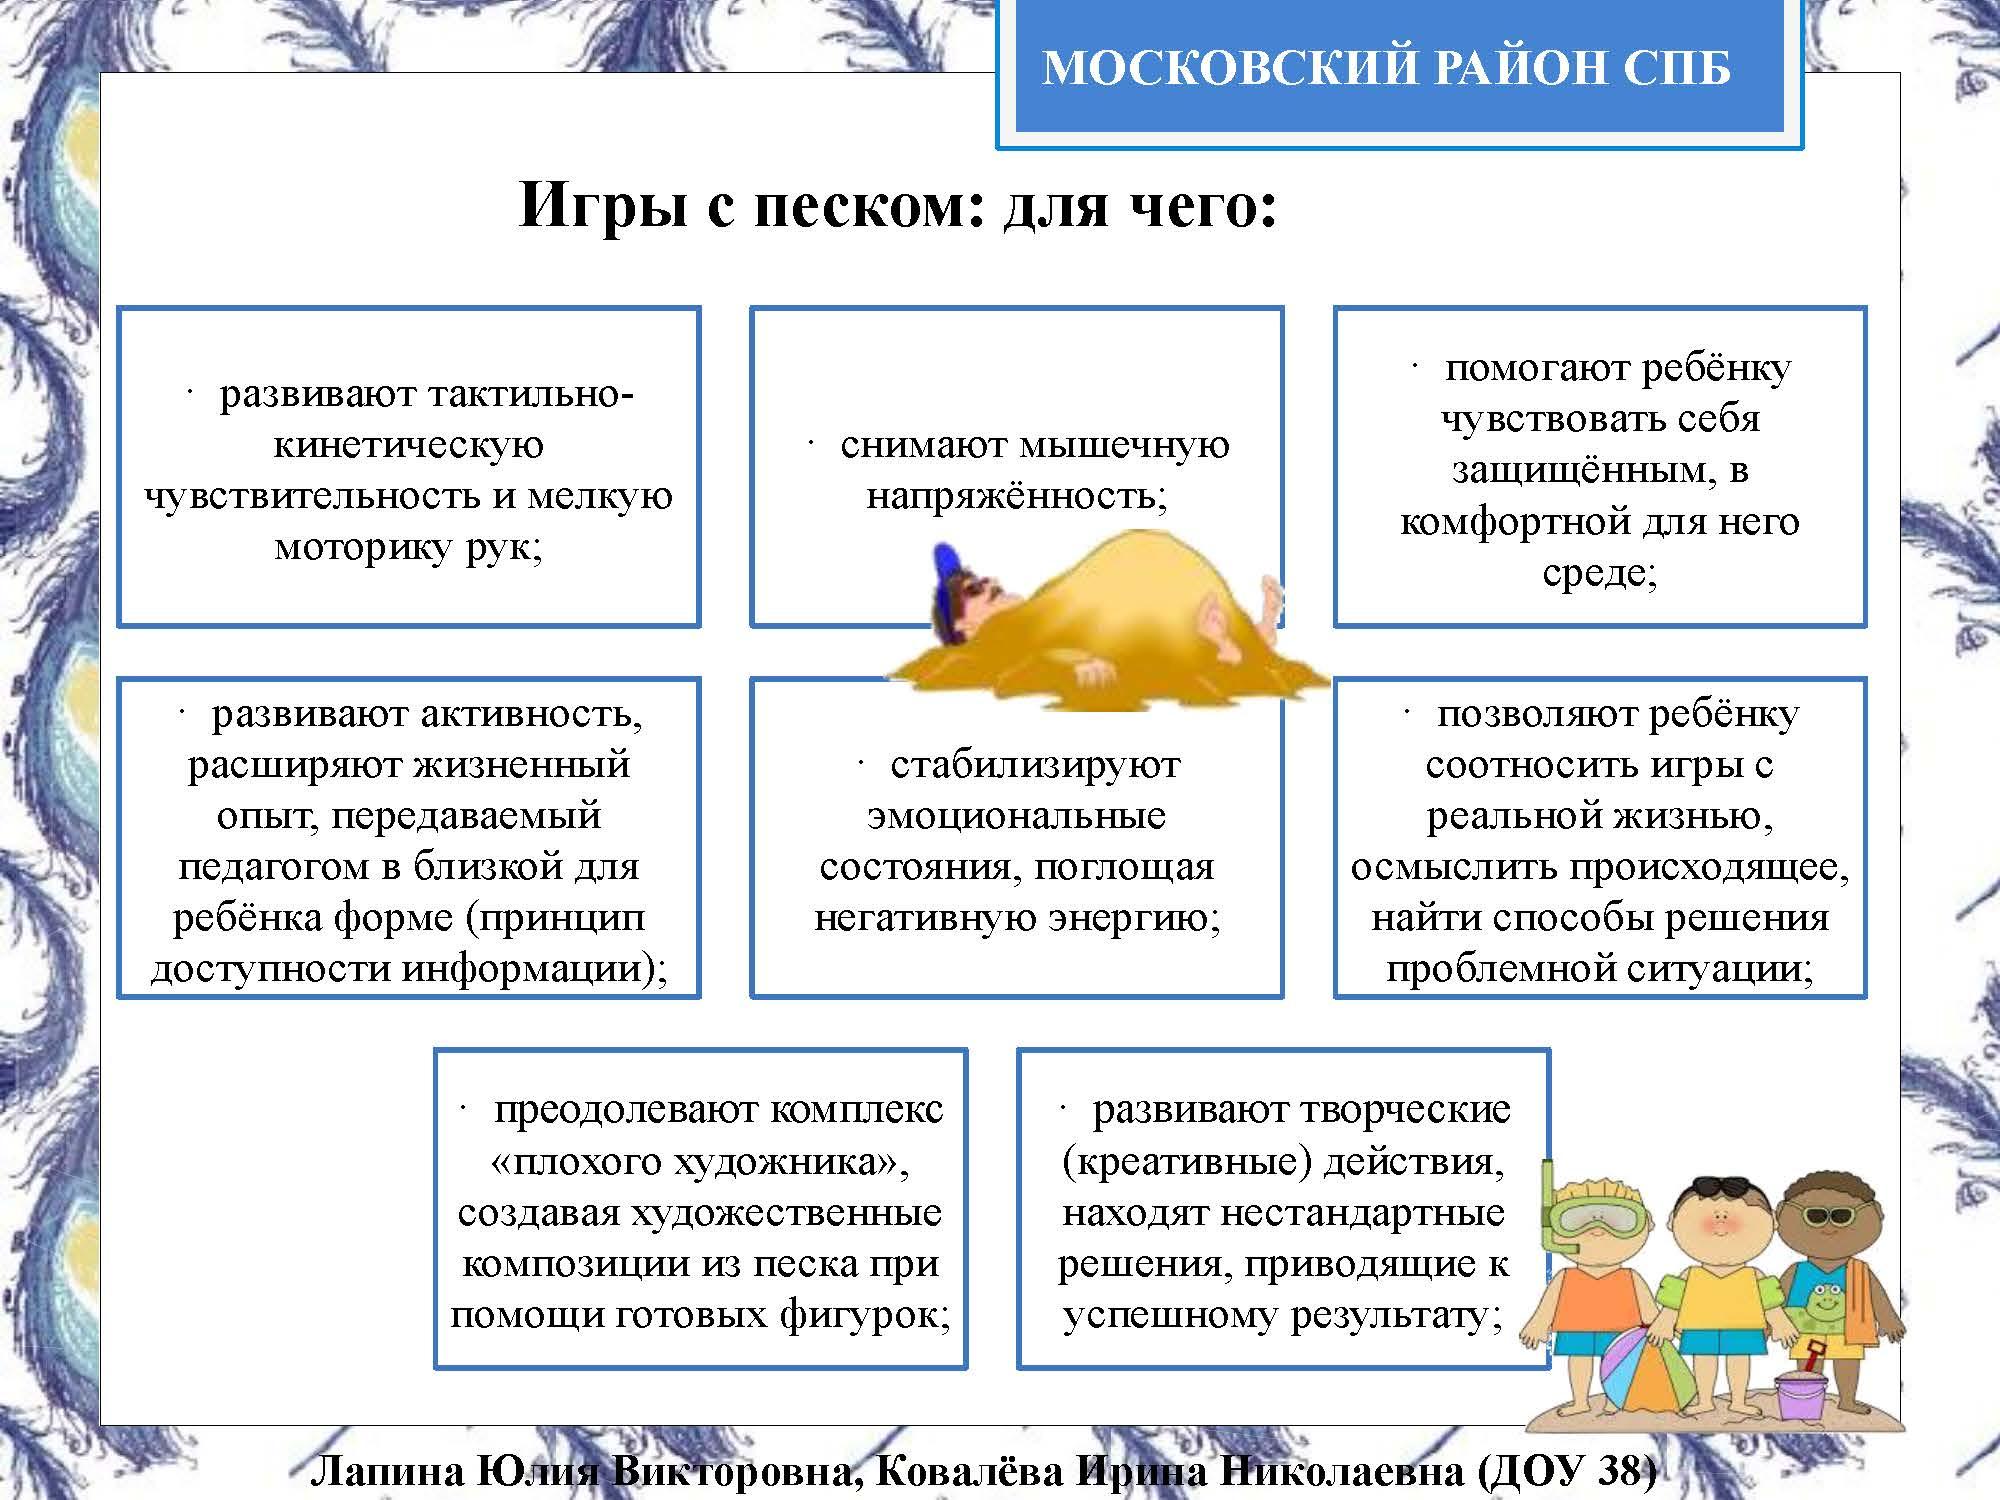 Секция 8. ДОУ 38, Московский район_Страница_06